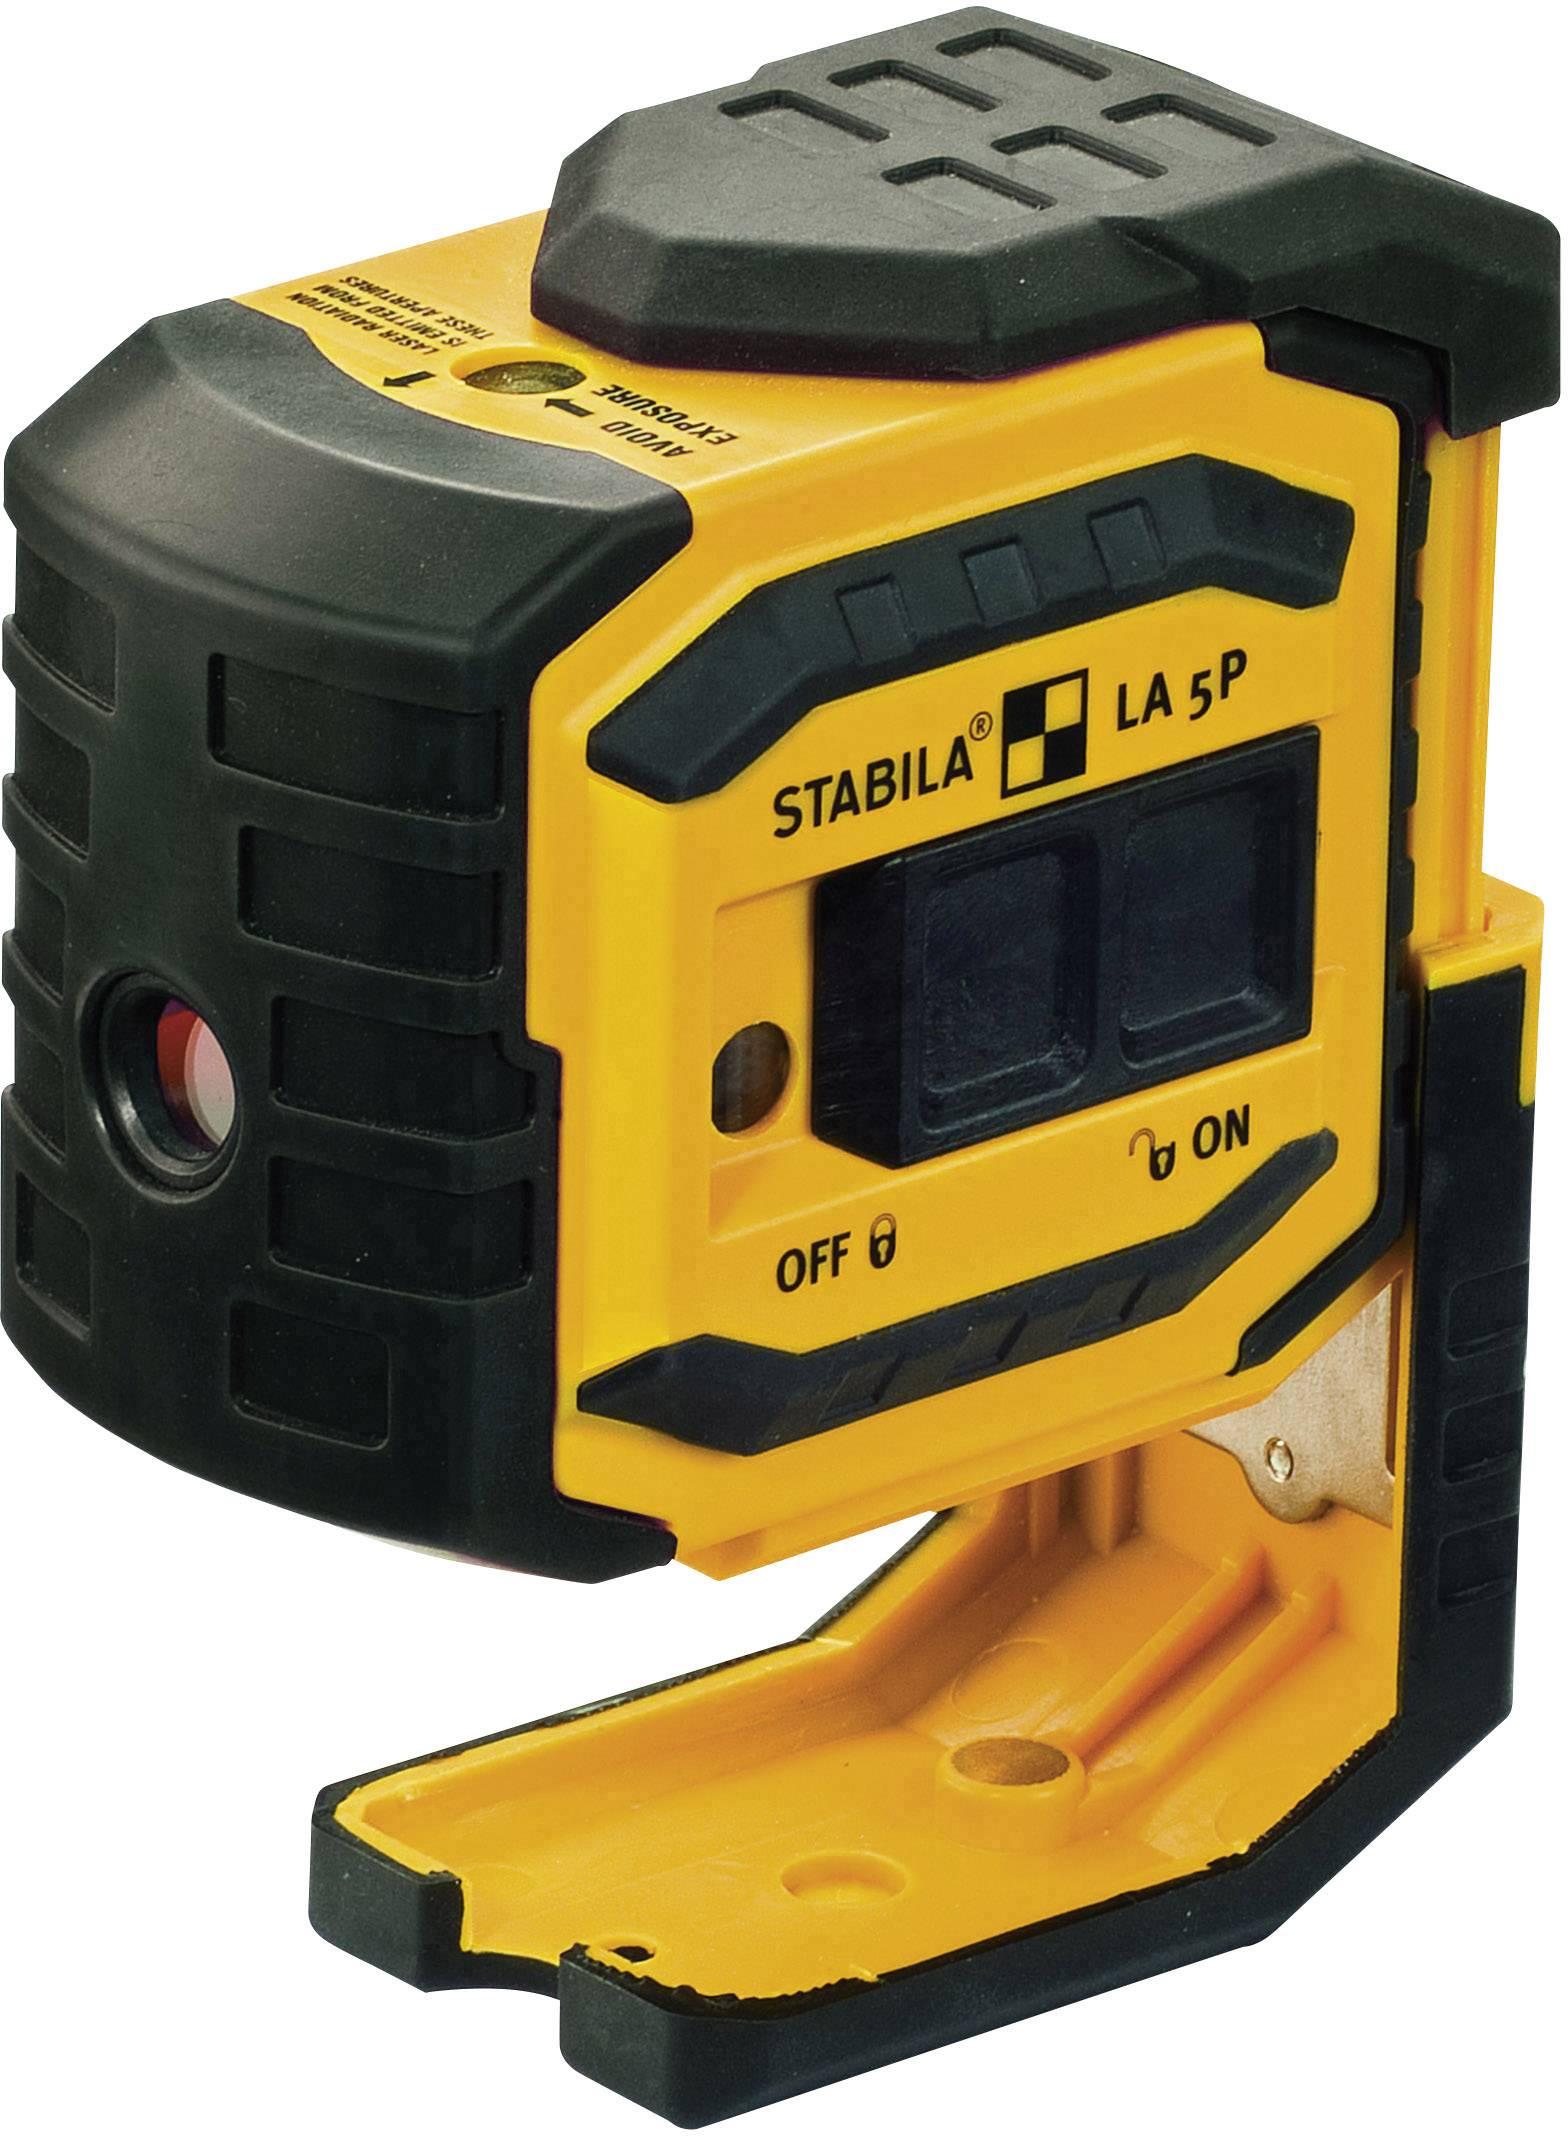 Bodový laser samonivelační Stabila LA-5P, dosah (max.): 30 m, Kalibrováno dle: podnikový standard (bez certifikátu) (own)